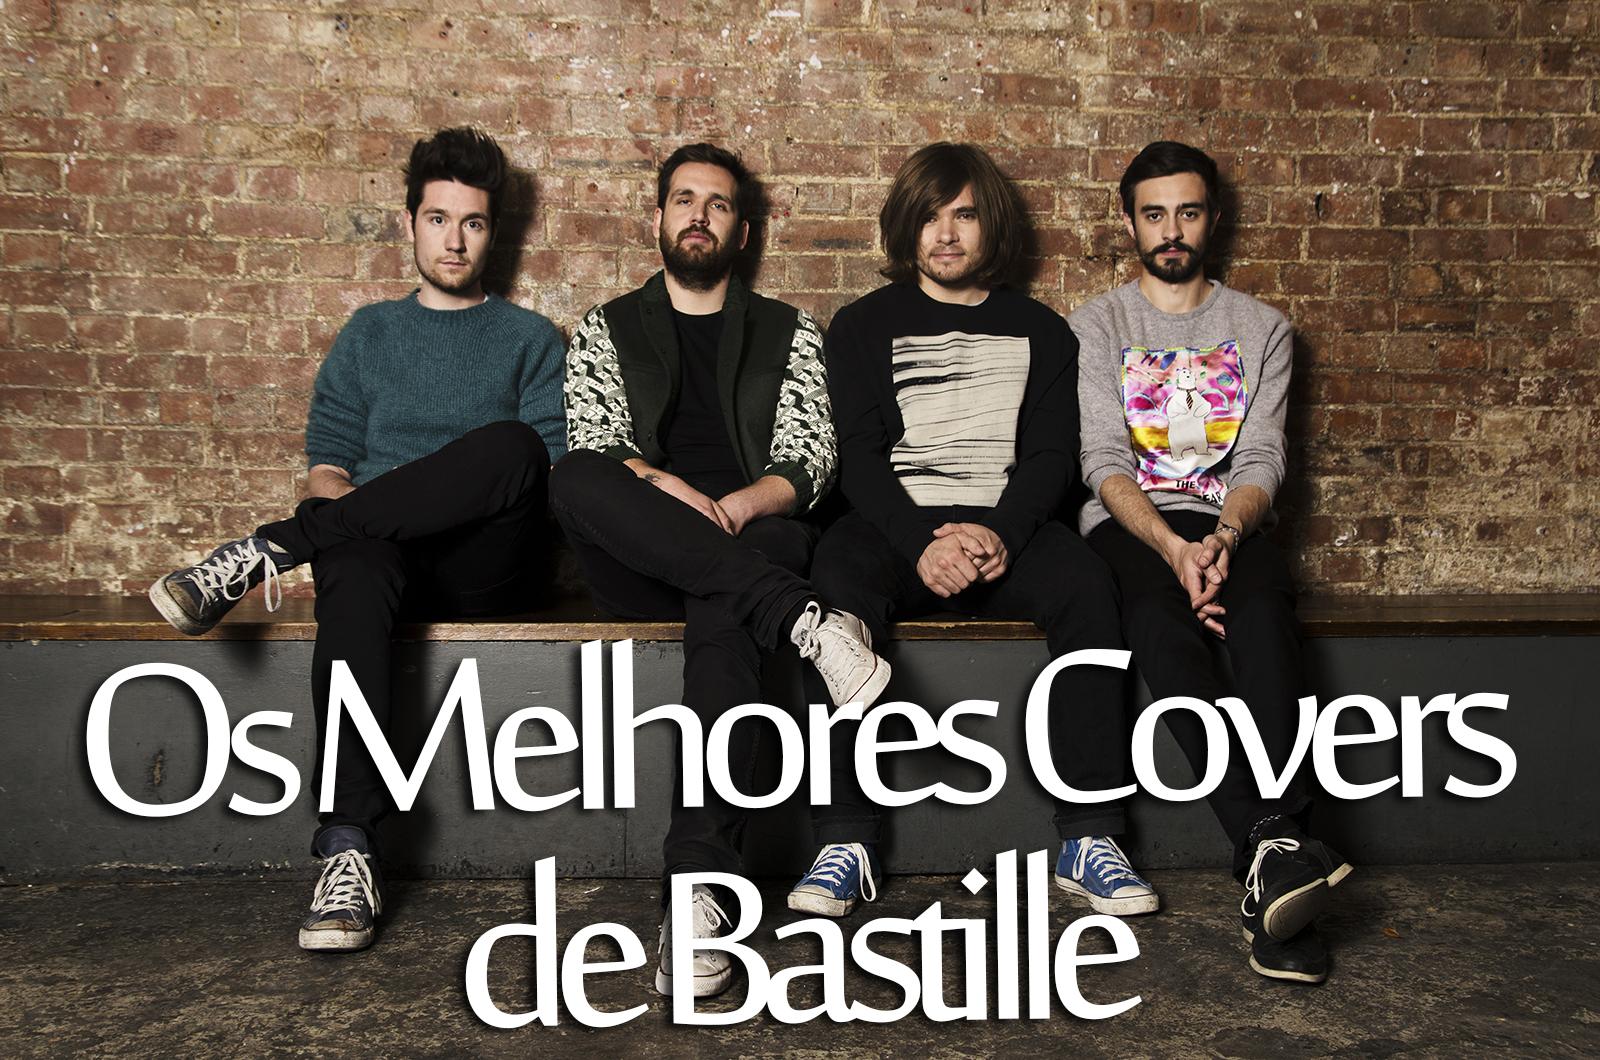 Os melhores covers das músicas do Bastille